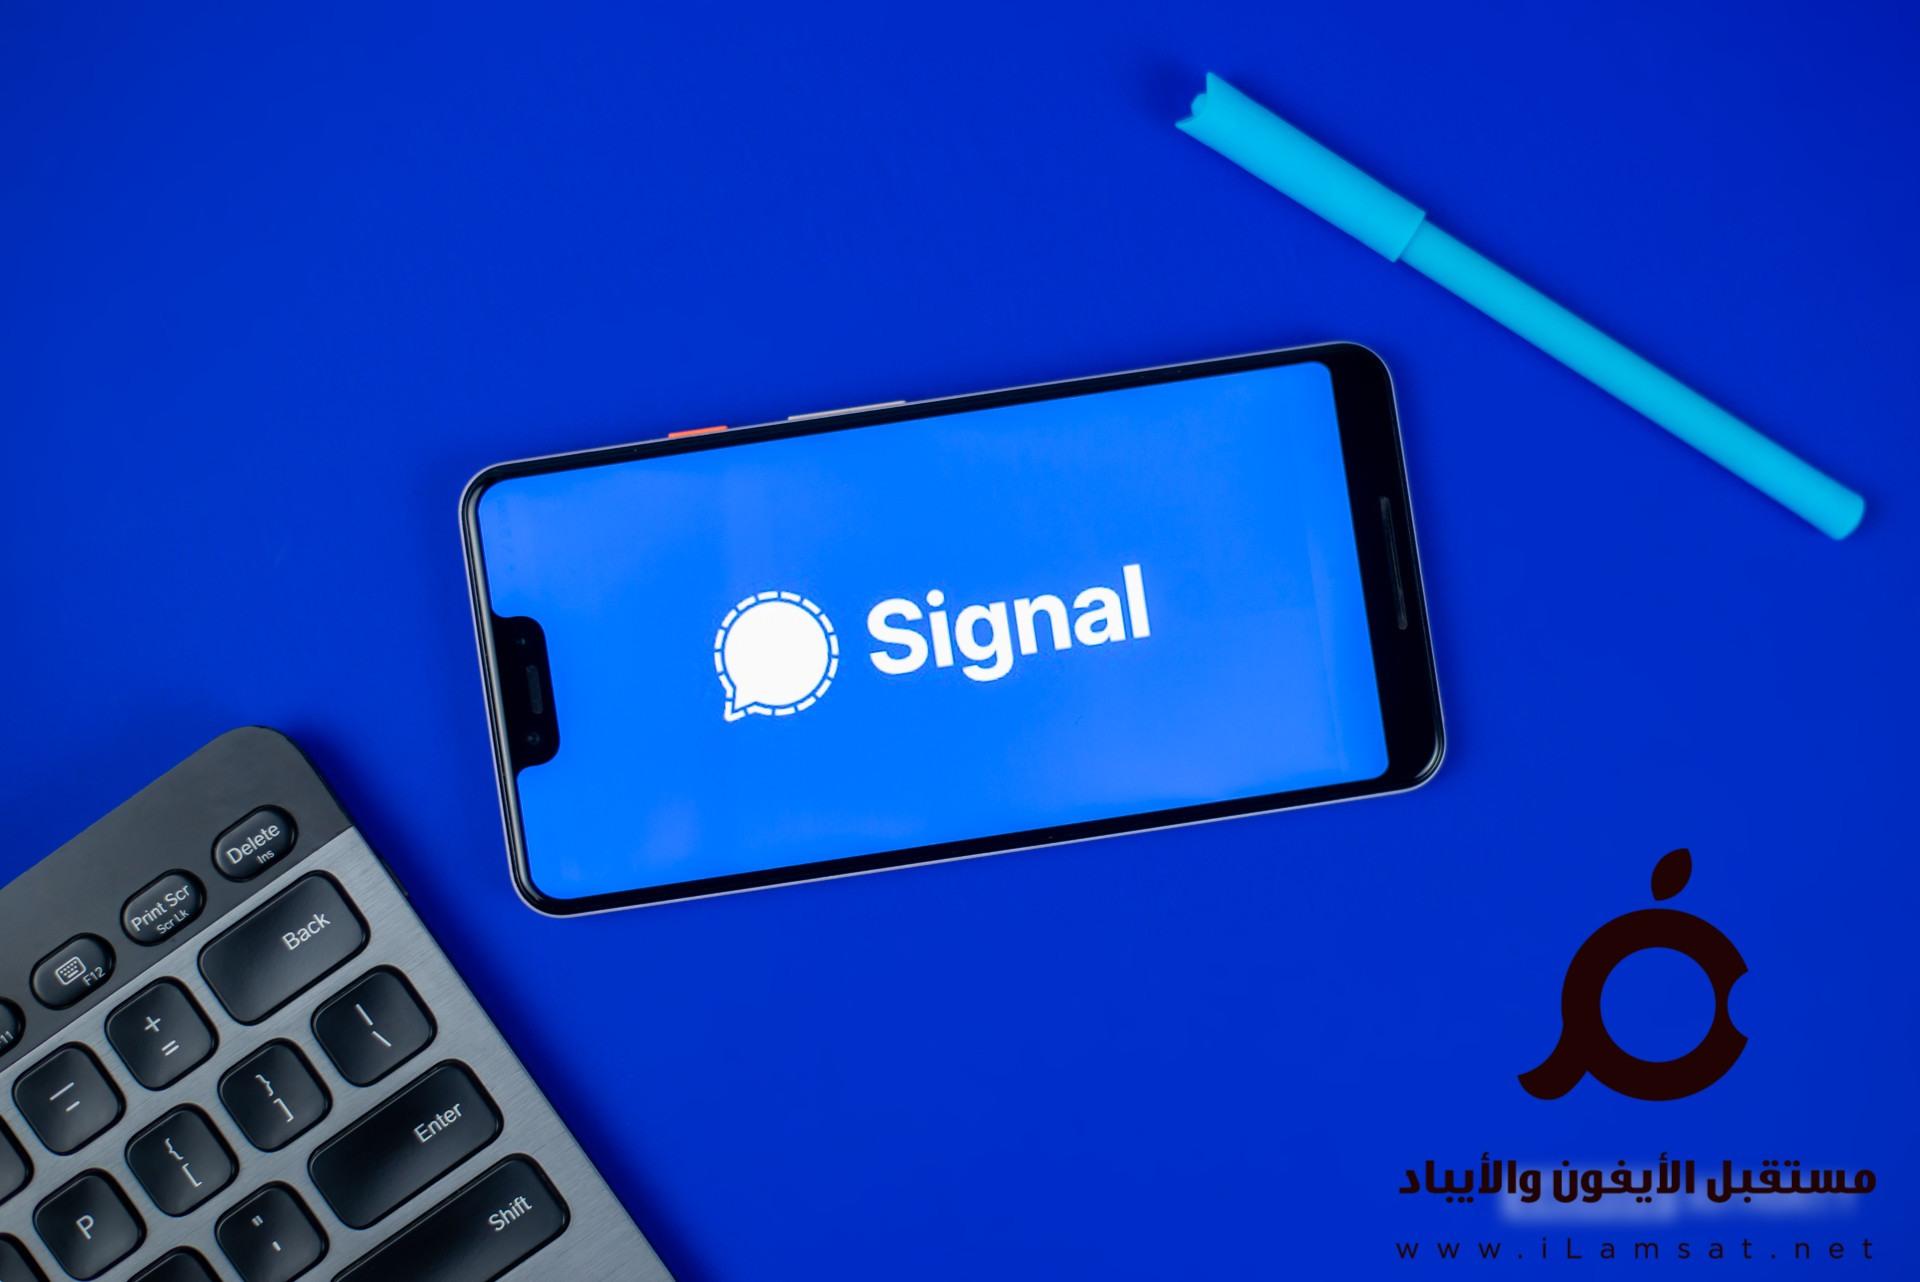 سبب انتقال اكثر من 100000 مستخدم من تطبيق واتساب الي تطبيق signal و تيليجرام